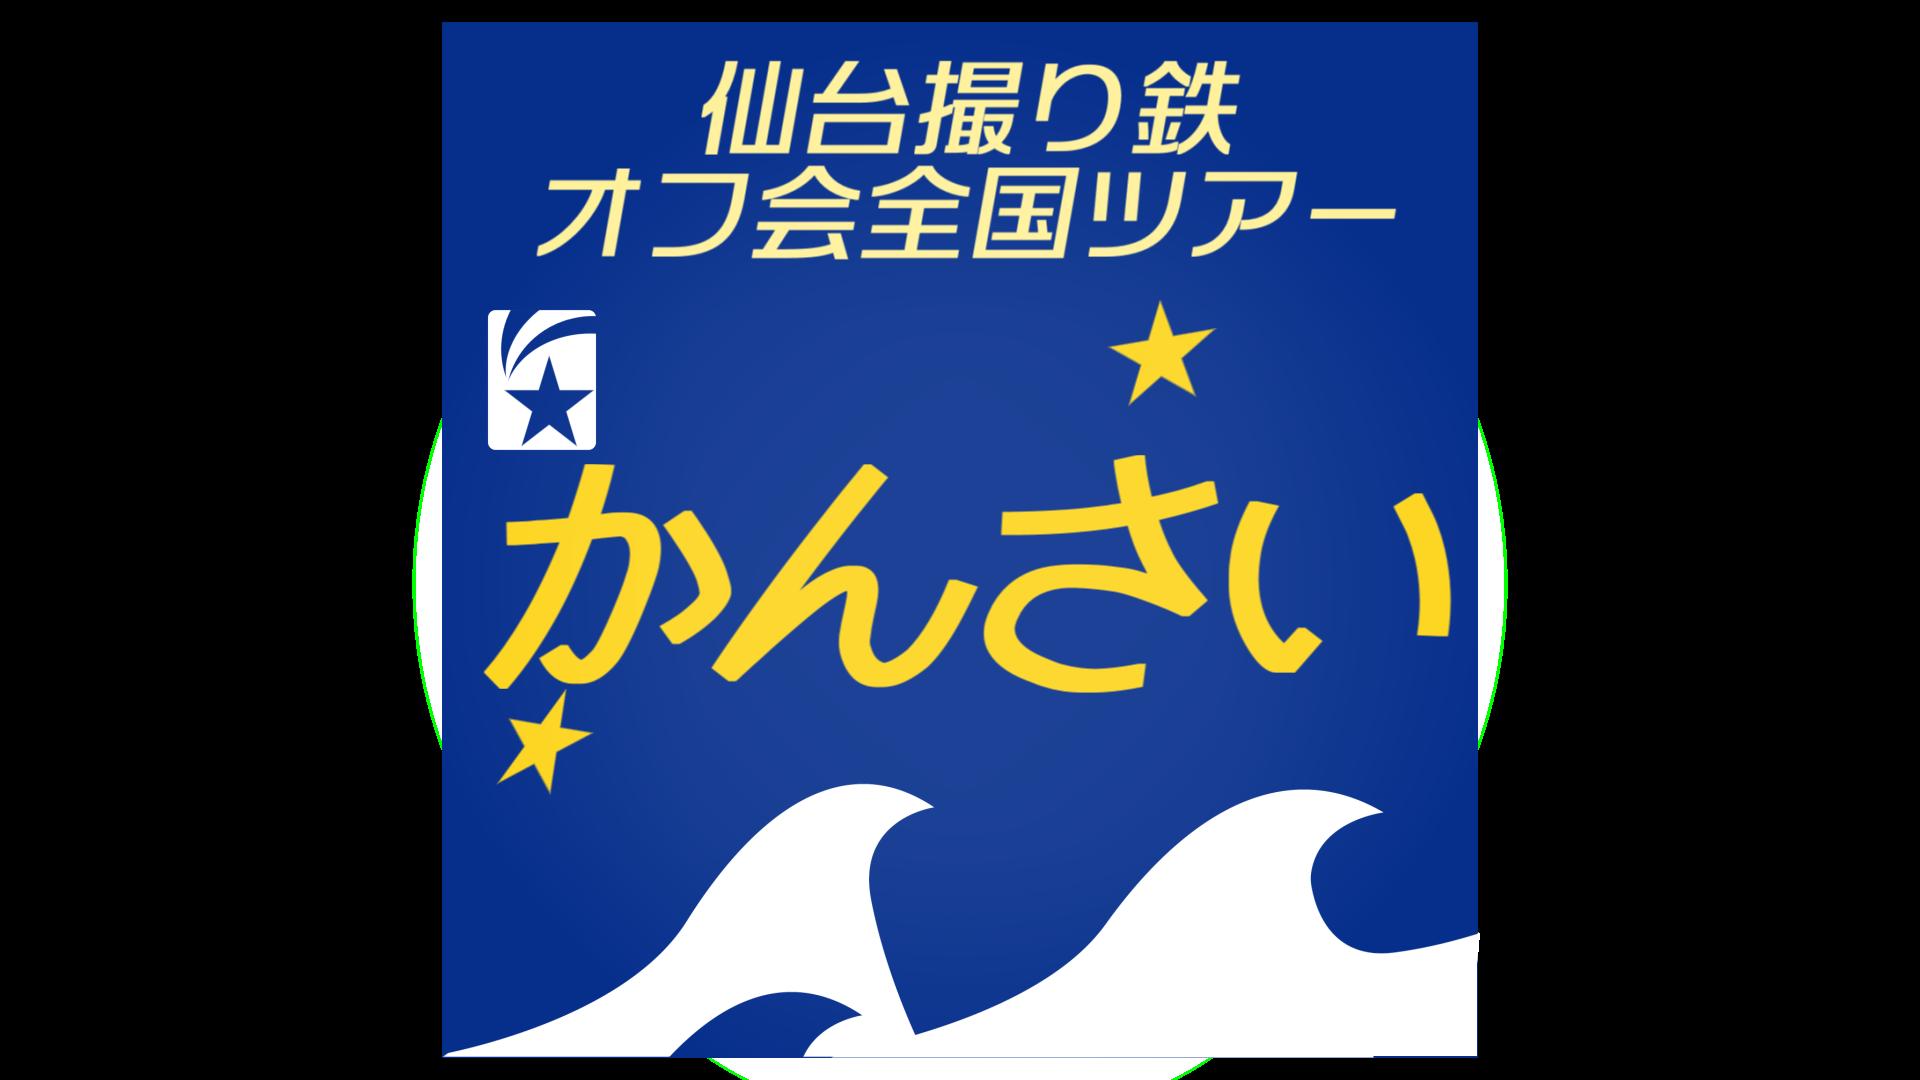 仙台撮り鉄オフ会 in 関西(大阪)(2月23日)